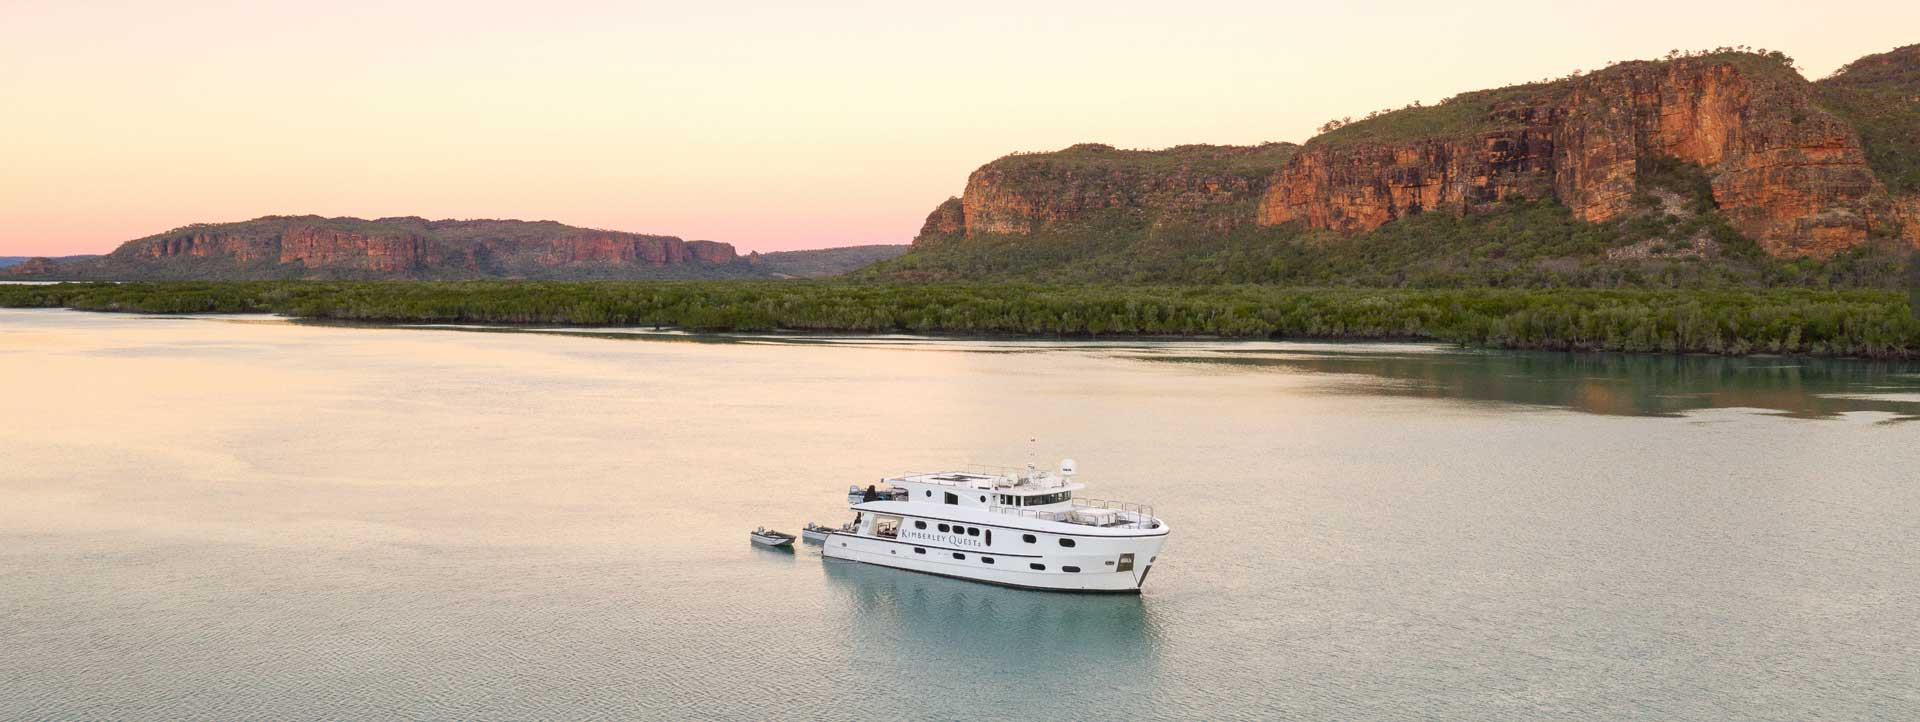 KIMBERLEY-QUEST-II-boat-profile-Kimberley-cruise